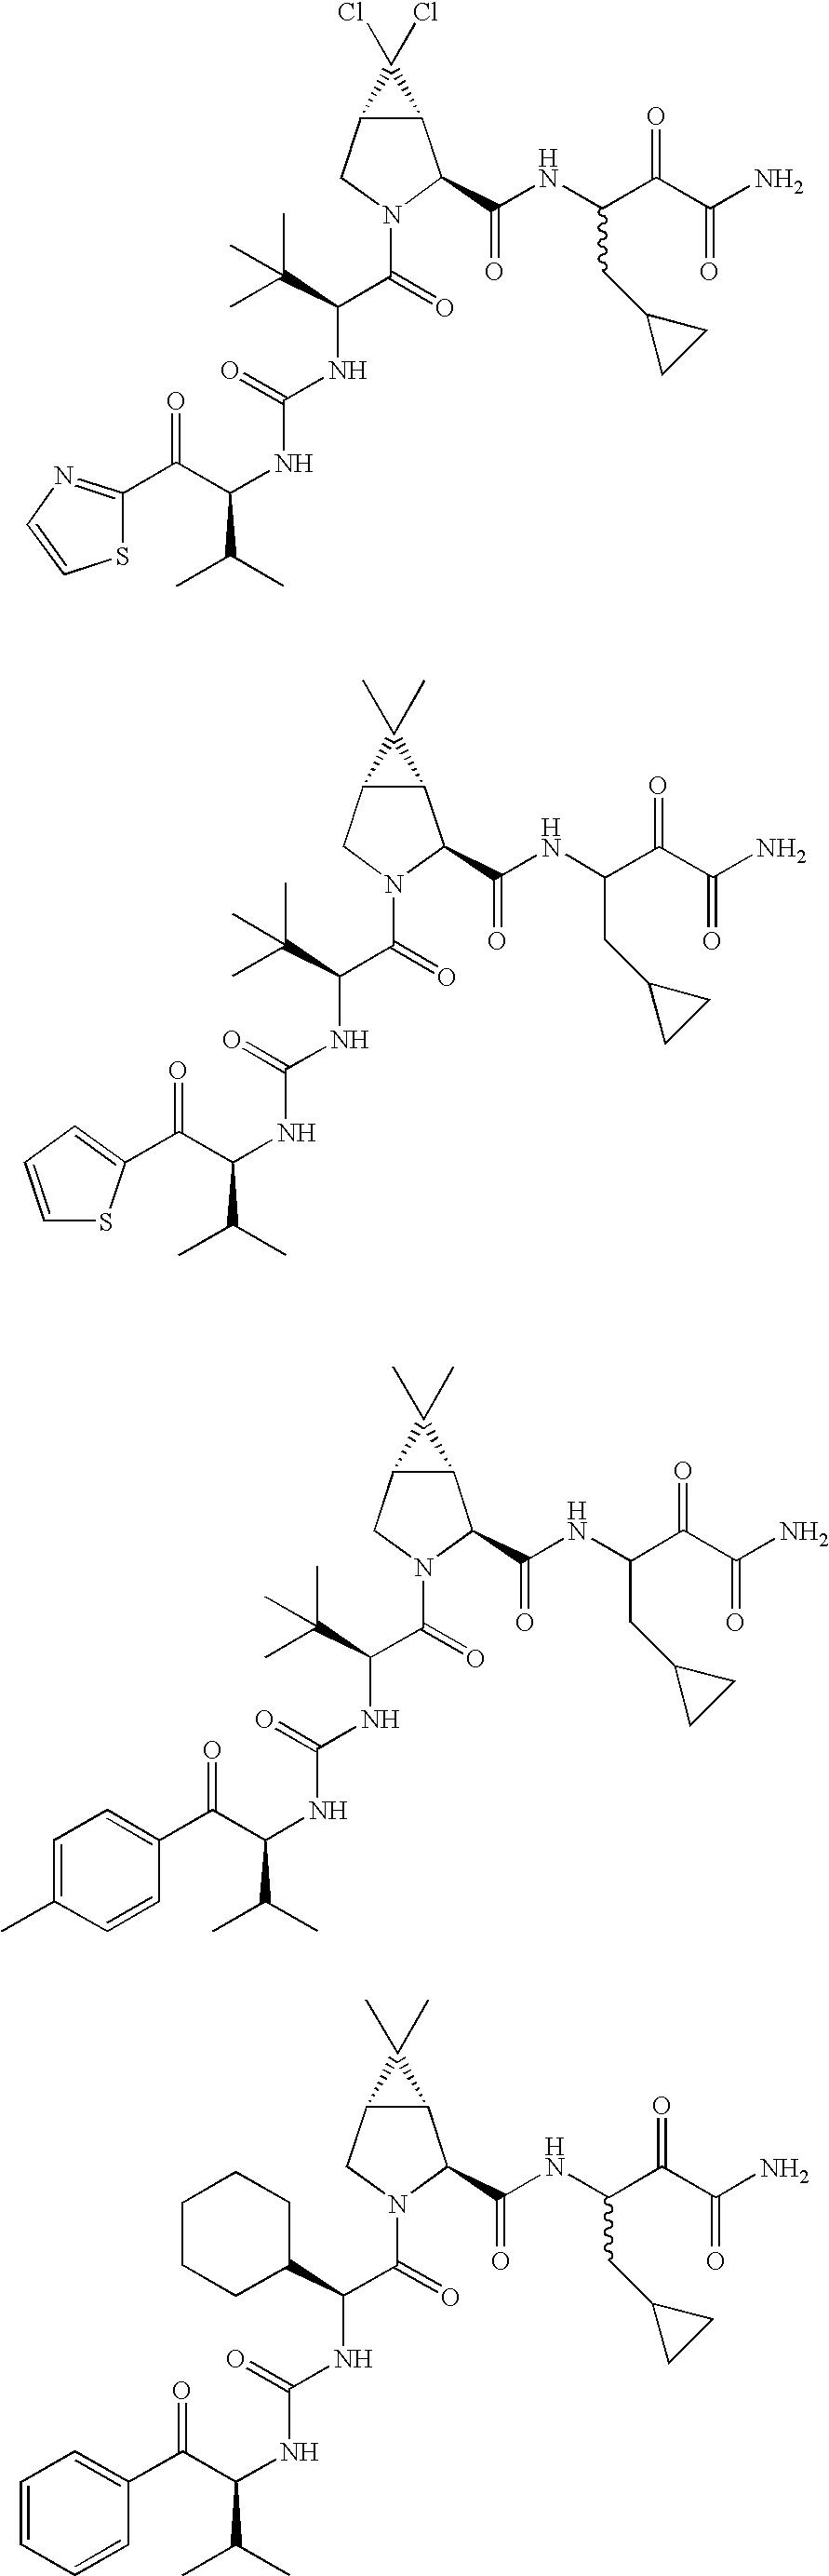 Figure US20060287248A1-20061221-C00213